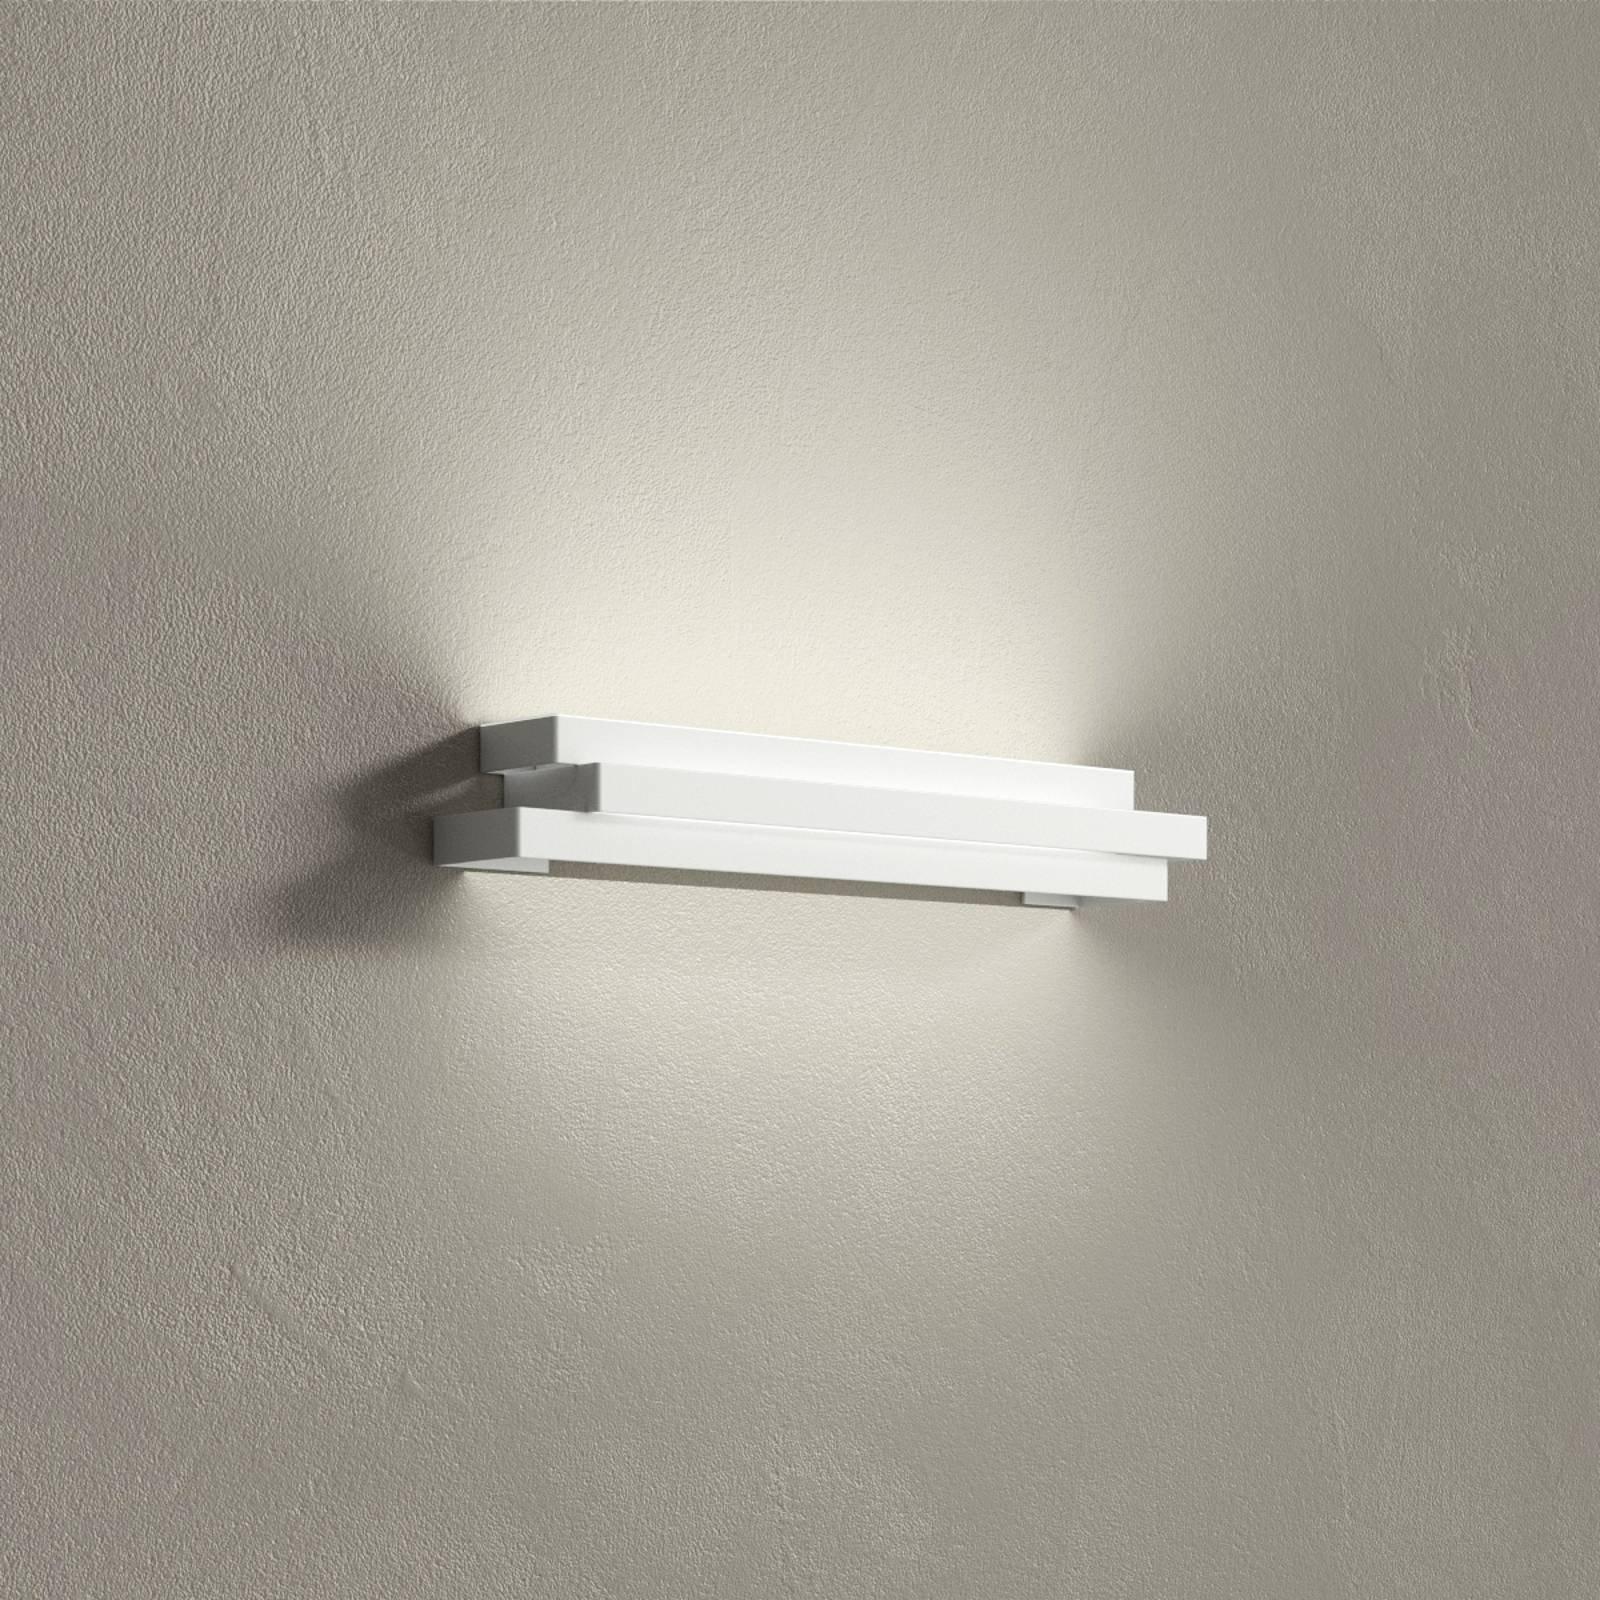 Escape LED-vegglampe 50 cm lang